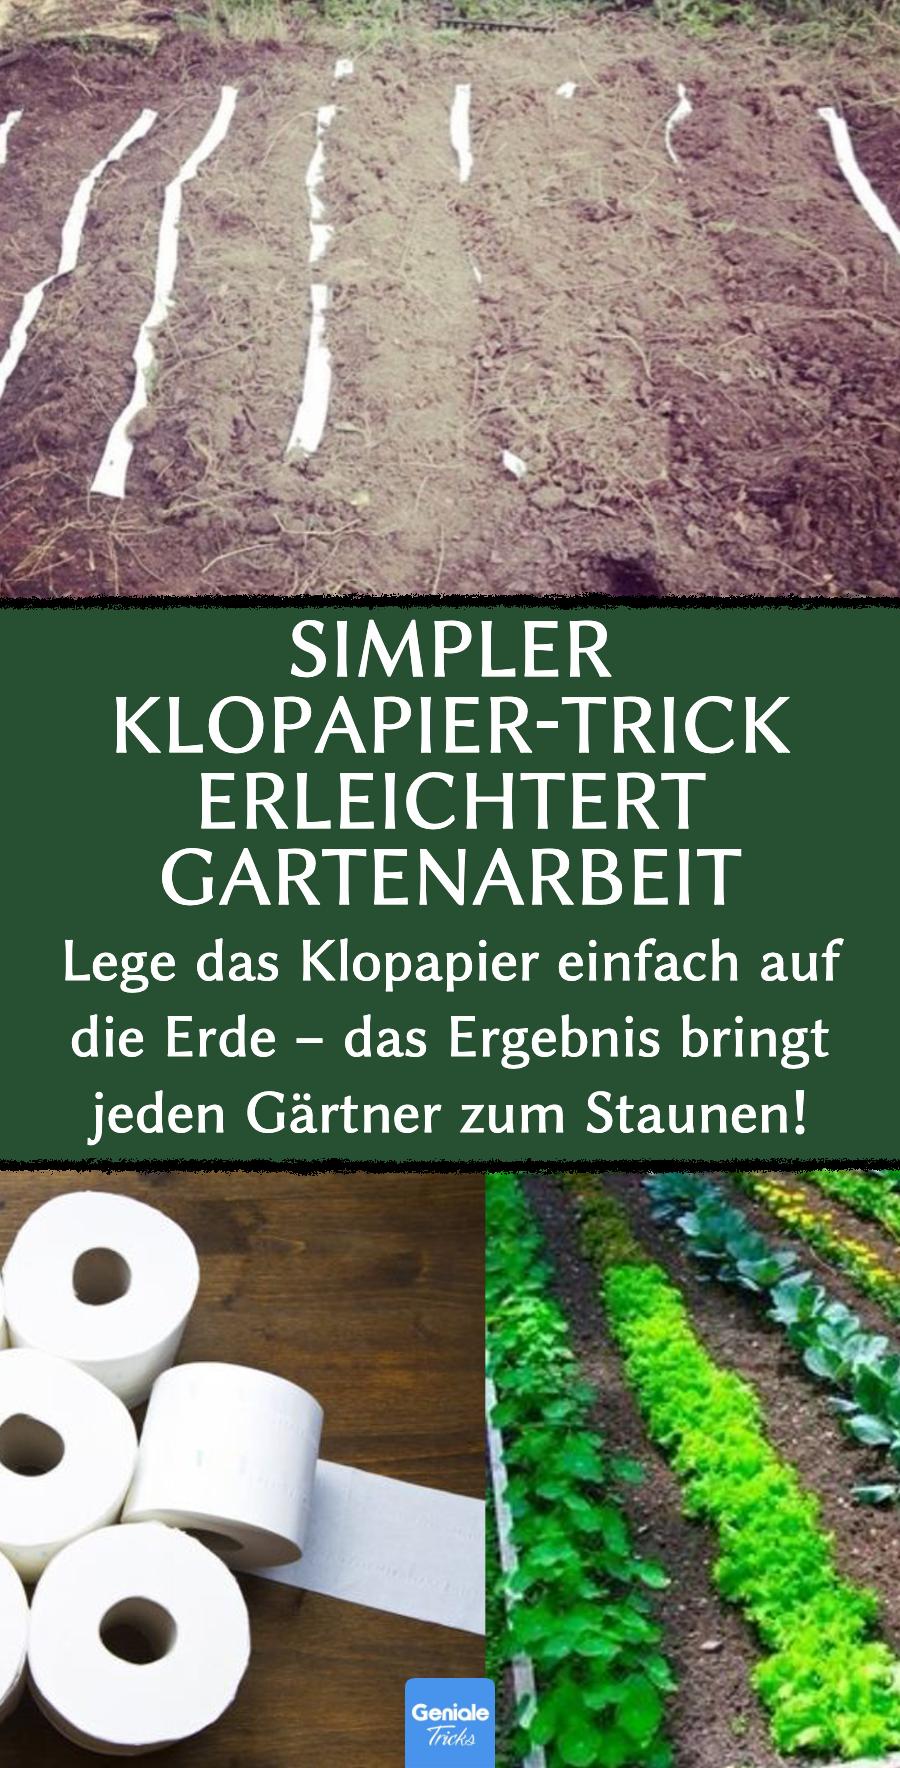 Simpler Klopapier-Trick erleichtert Gartenarbeit